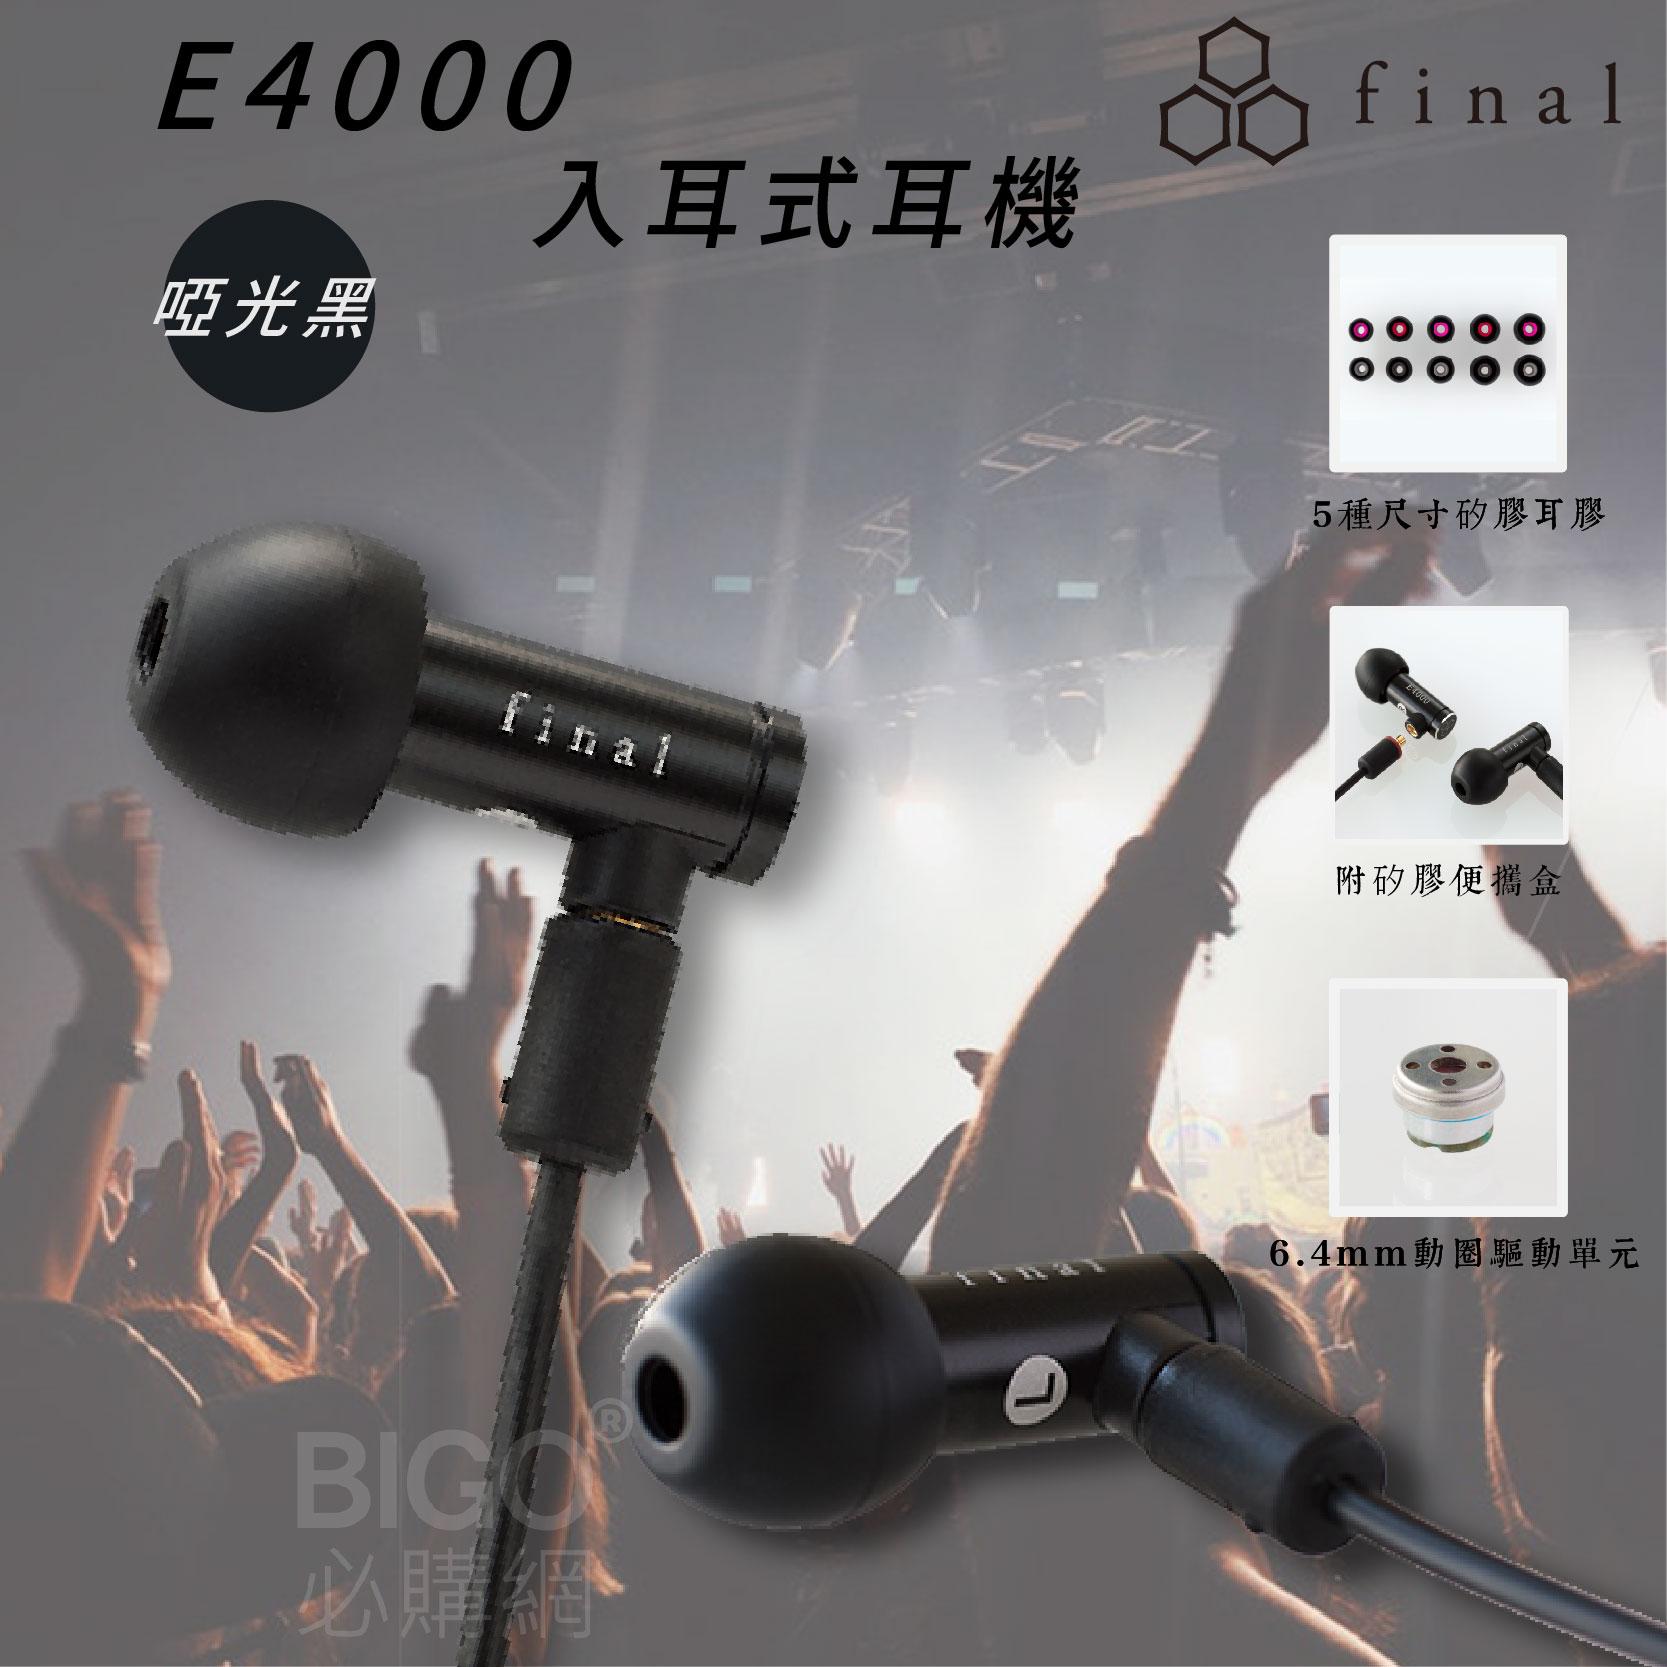 音質推薦日本Final 入耳式耳機E4000 啞光黑 日本品牌 標準款耳機 有線 體積小 高音質臨場感 粗電纜 音樂